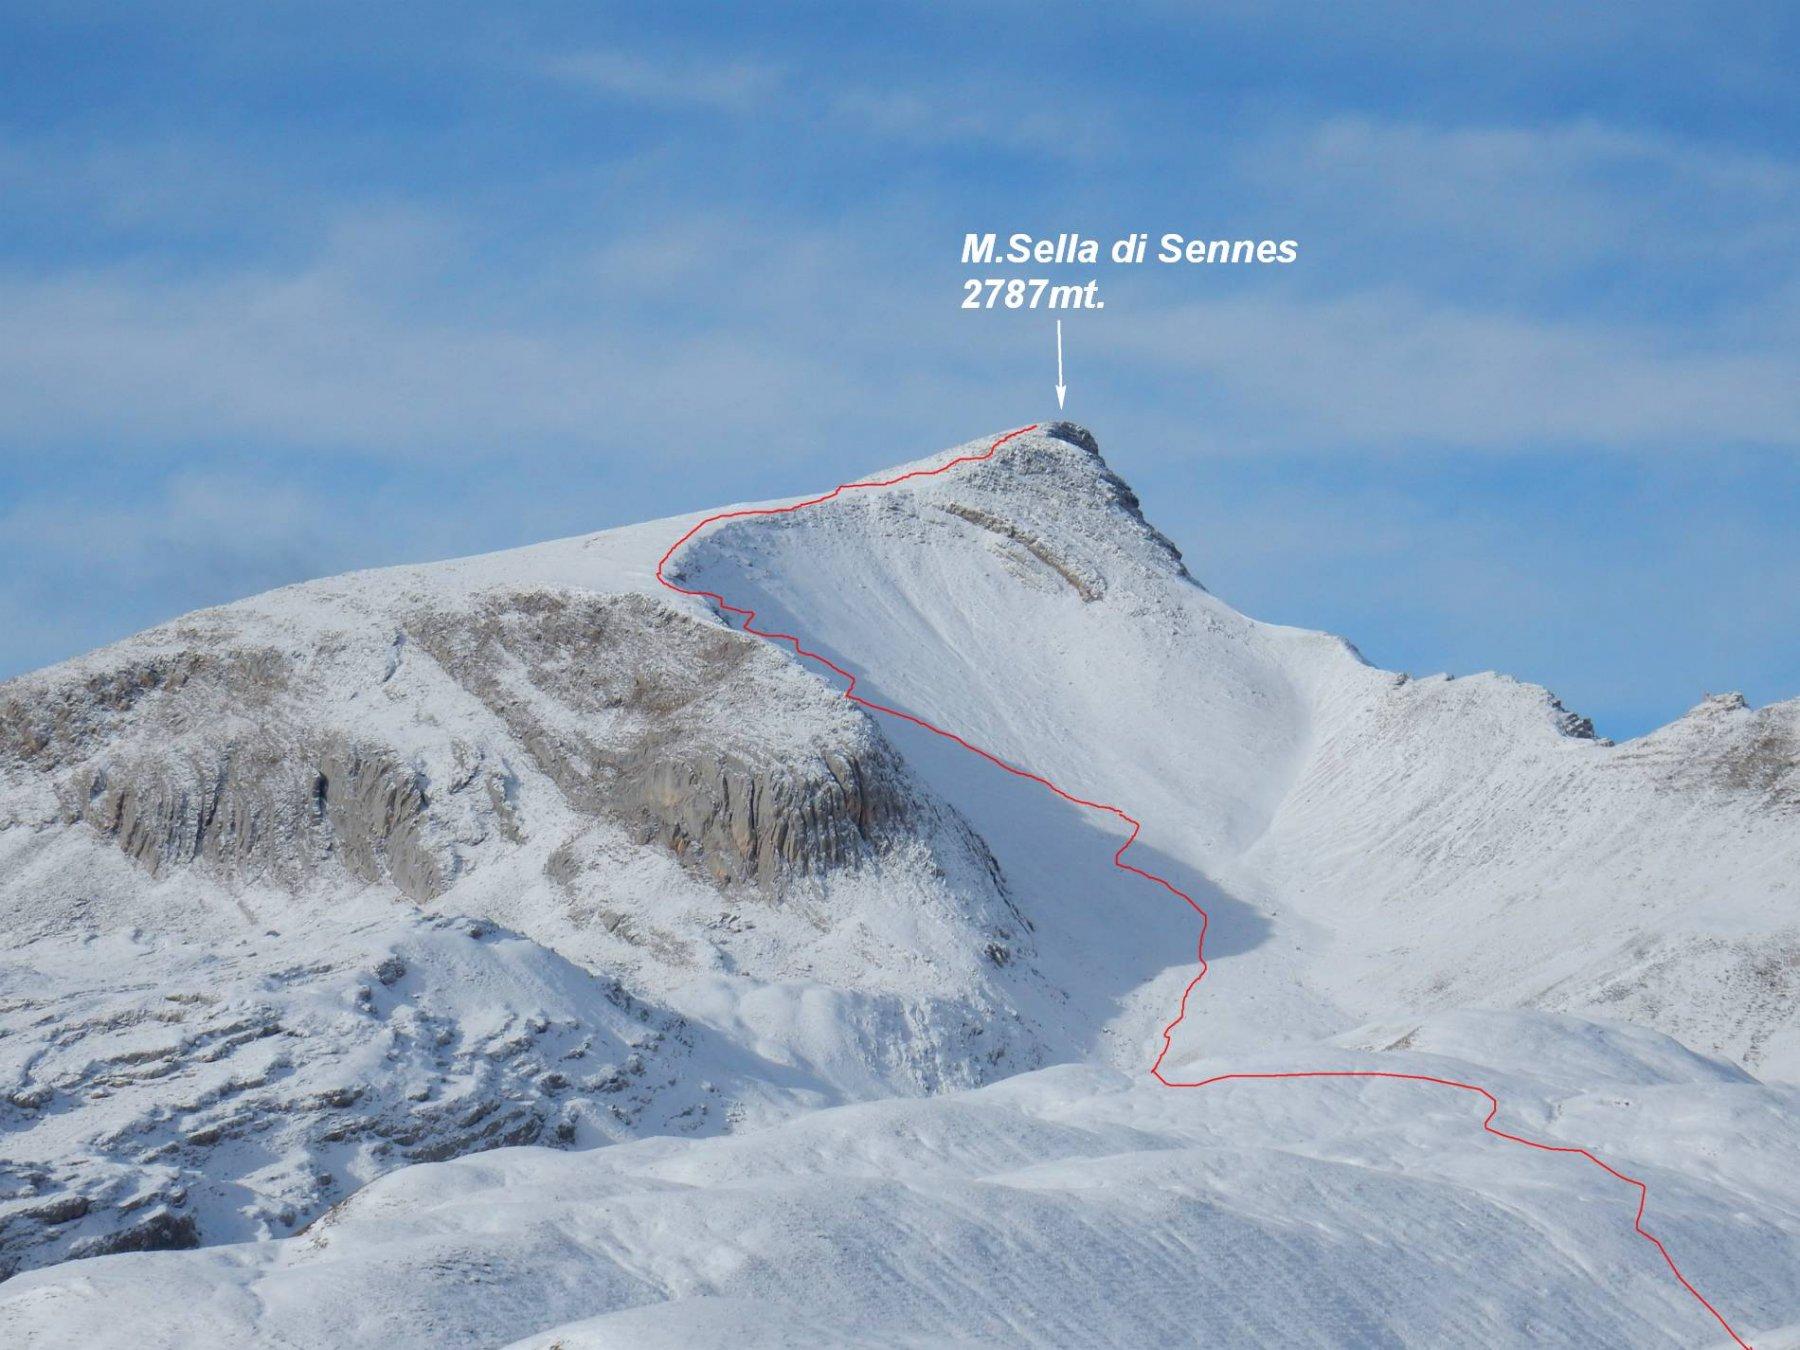 In rosso la traccia di salita effettuata al M.Sella di Sennes.